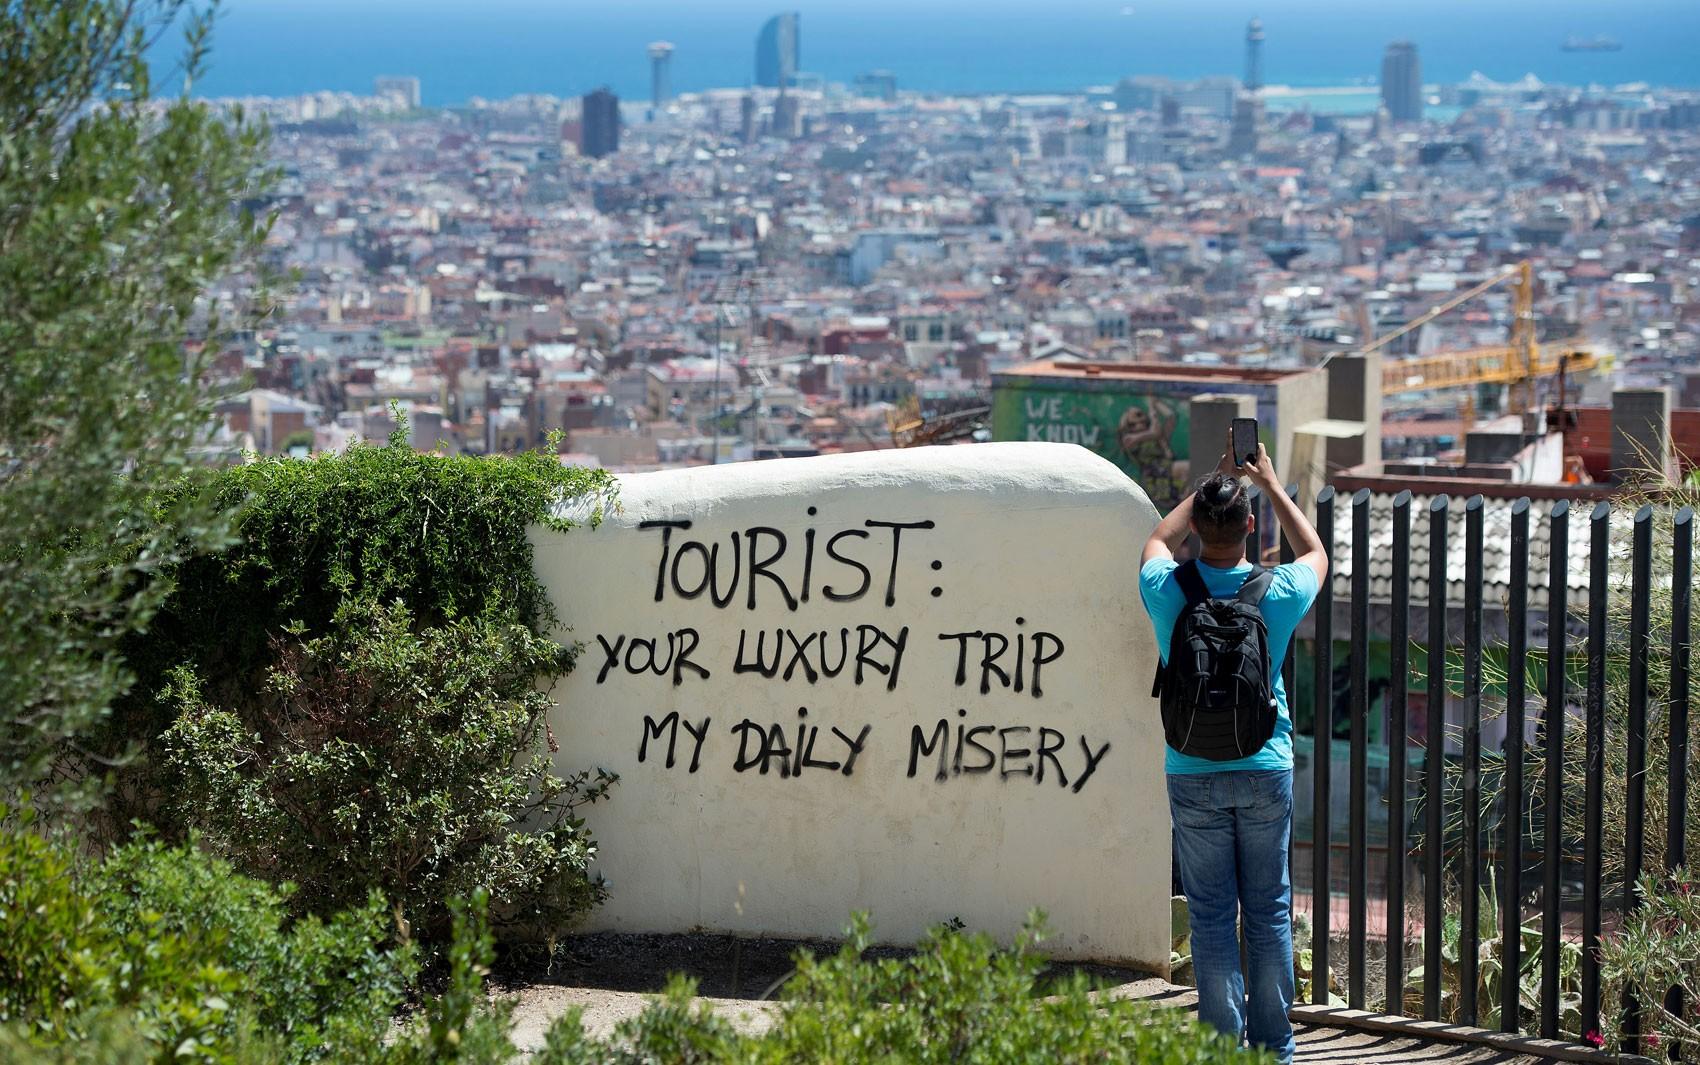 'Turismo excessivo' preocupa e o setor propõe soluções